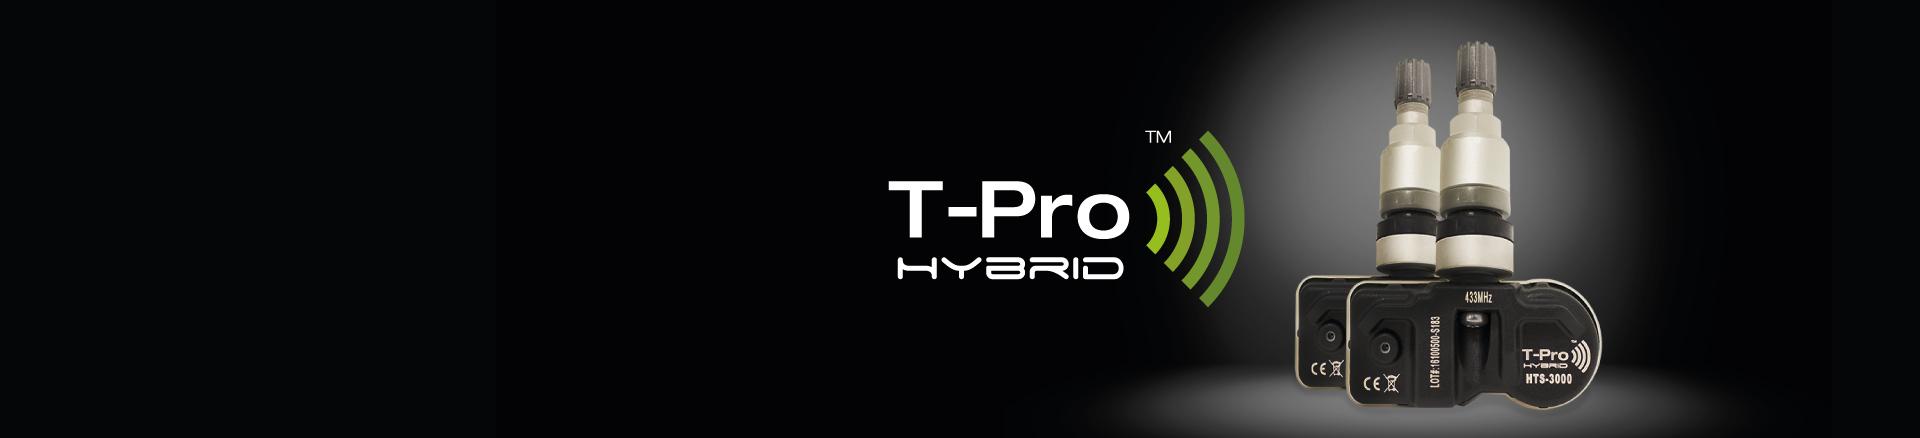 T-Pro